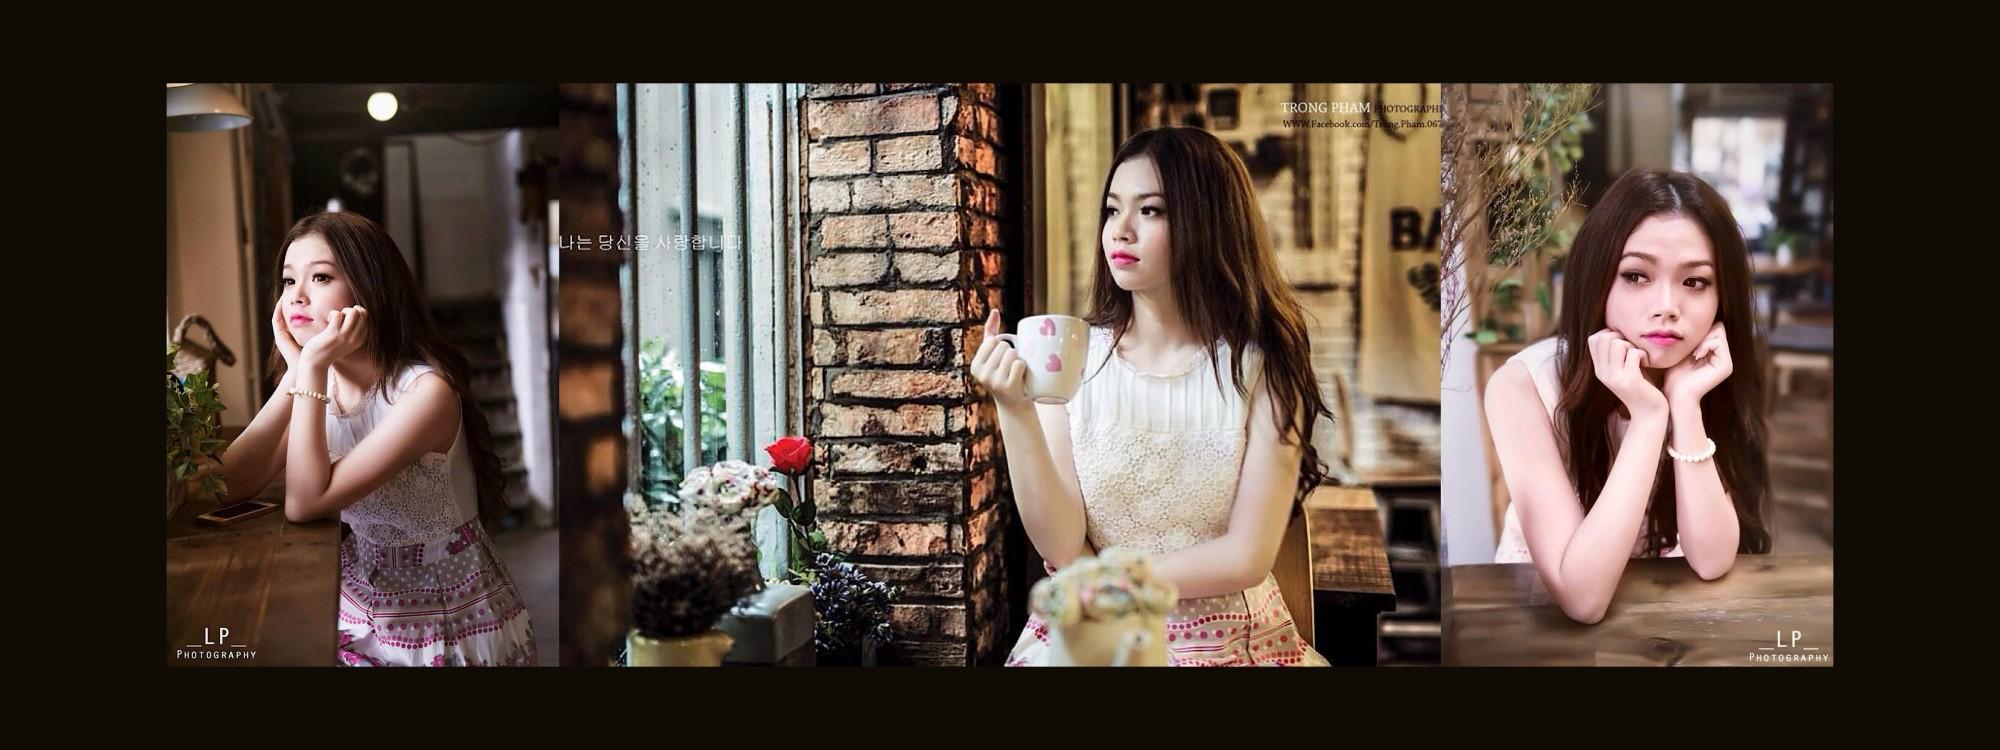 cung-cap-nhan-su-pg-model-nguoi-mau-nguyen-thi-kim-ngan